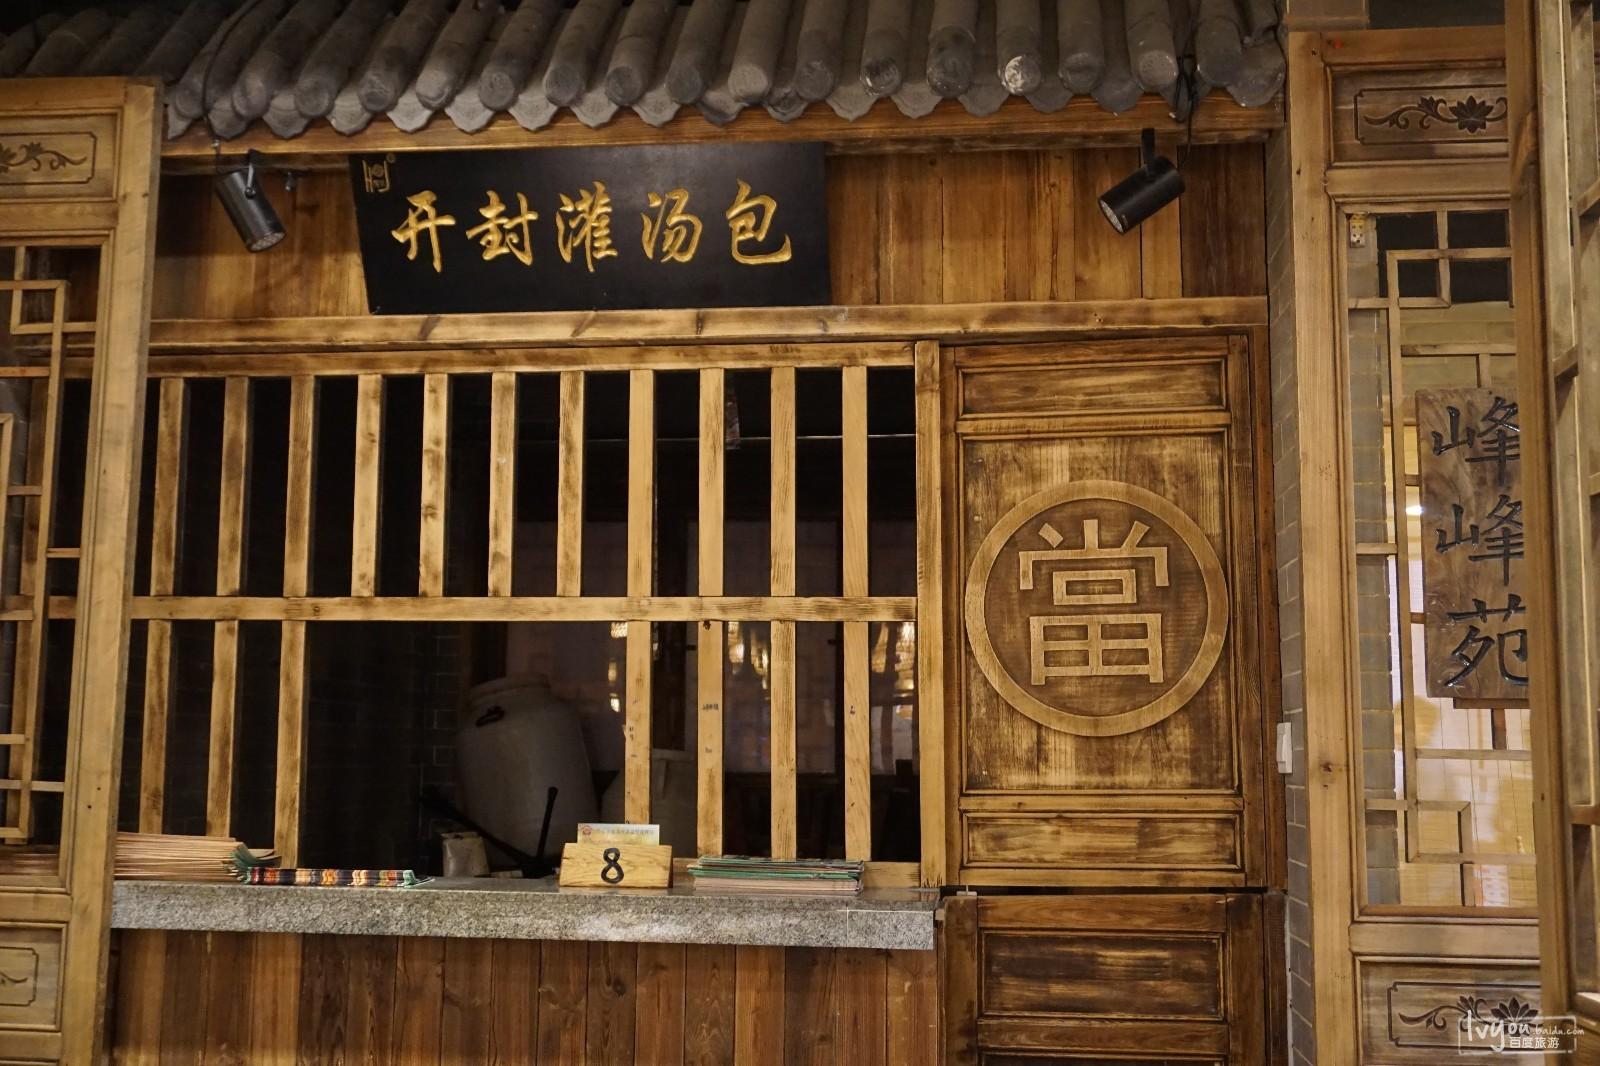 京娘湖<a href=http://www.huaxiacaixun.com/Trave/ target=_blank class=infotextkey>旅游</a>攻略图片48